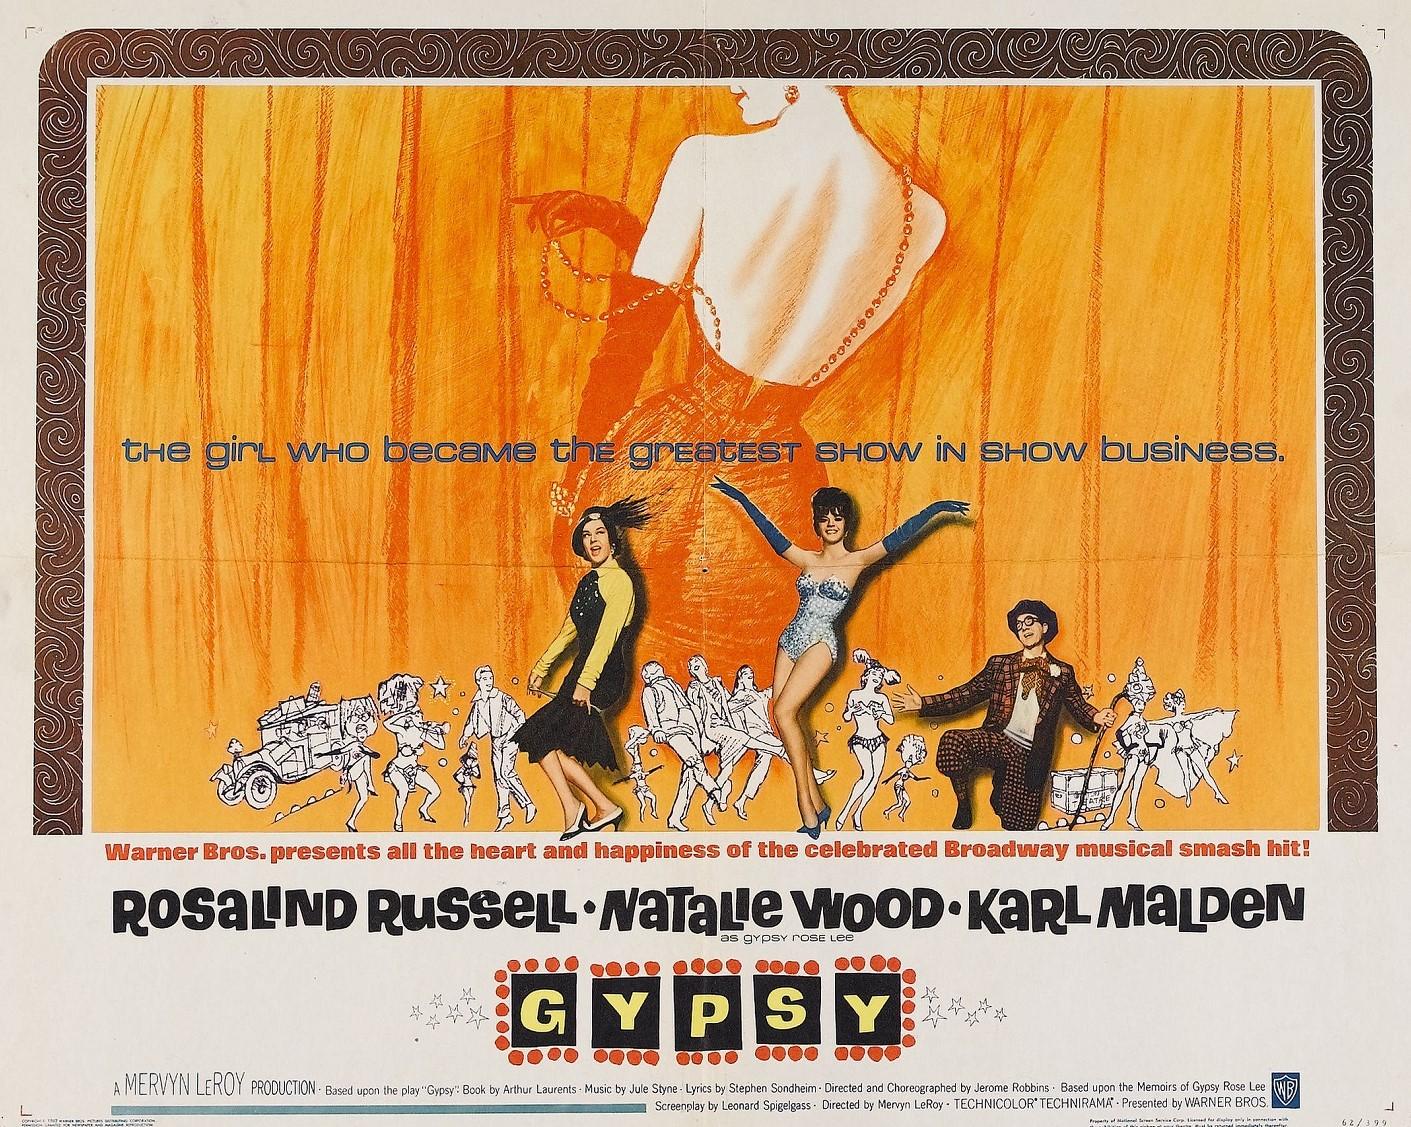 GYPSY (1962) WEB SITE